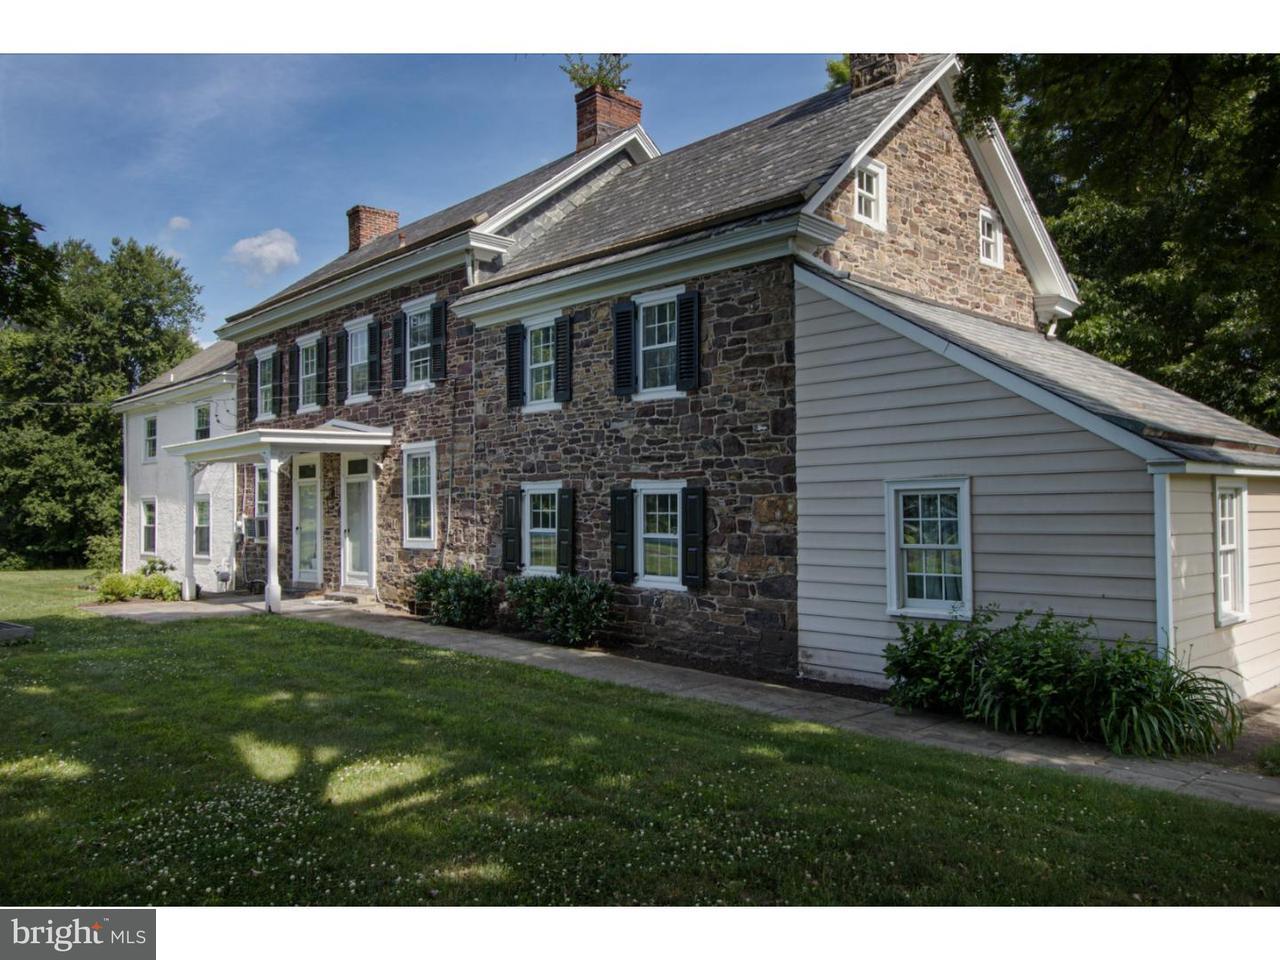 Частный односемейный дом для того Продажа на 841 DURHAM Road Newtown, Пенсильвания 18940 Соединенные Штаты